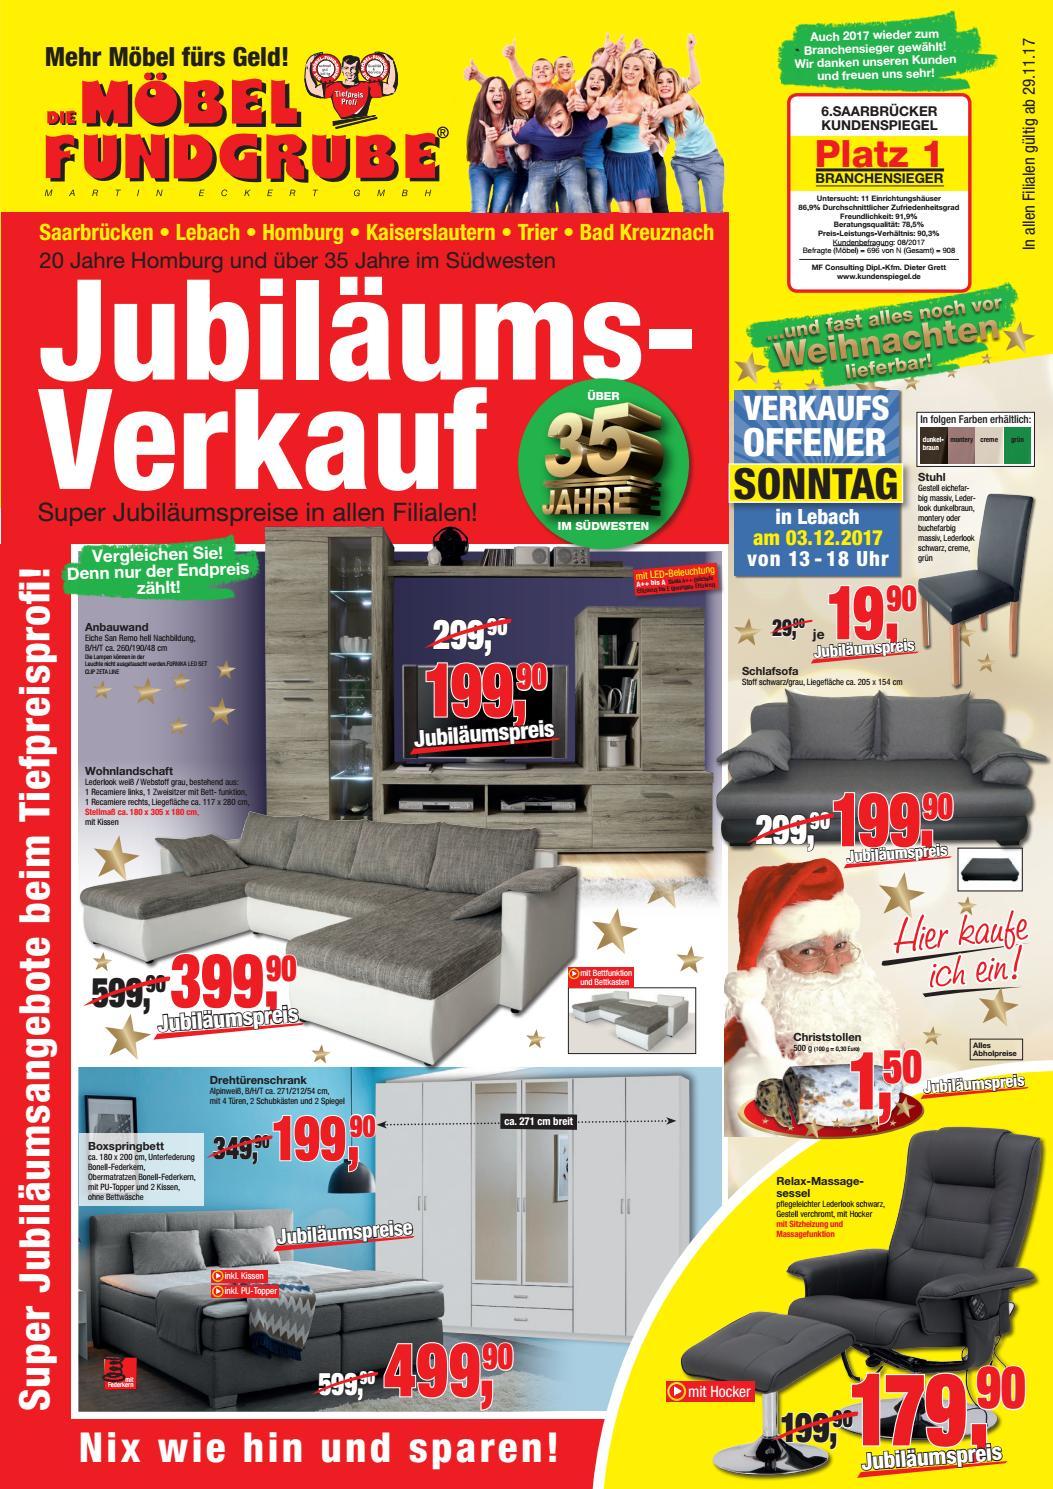 m bel fundgrube prospekt kw 48 by die m belfundgrube martin eckert gmbh issuu. Black Bedroom Furniture Sets. Home Design Ideas